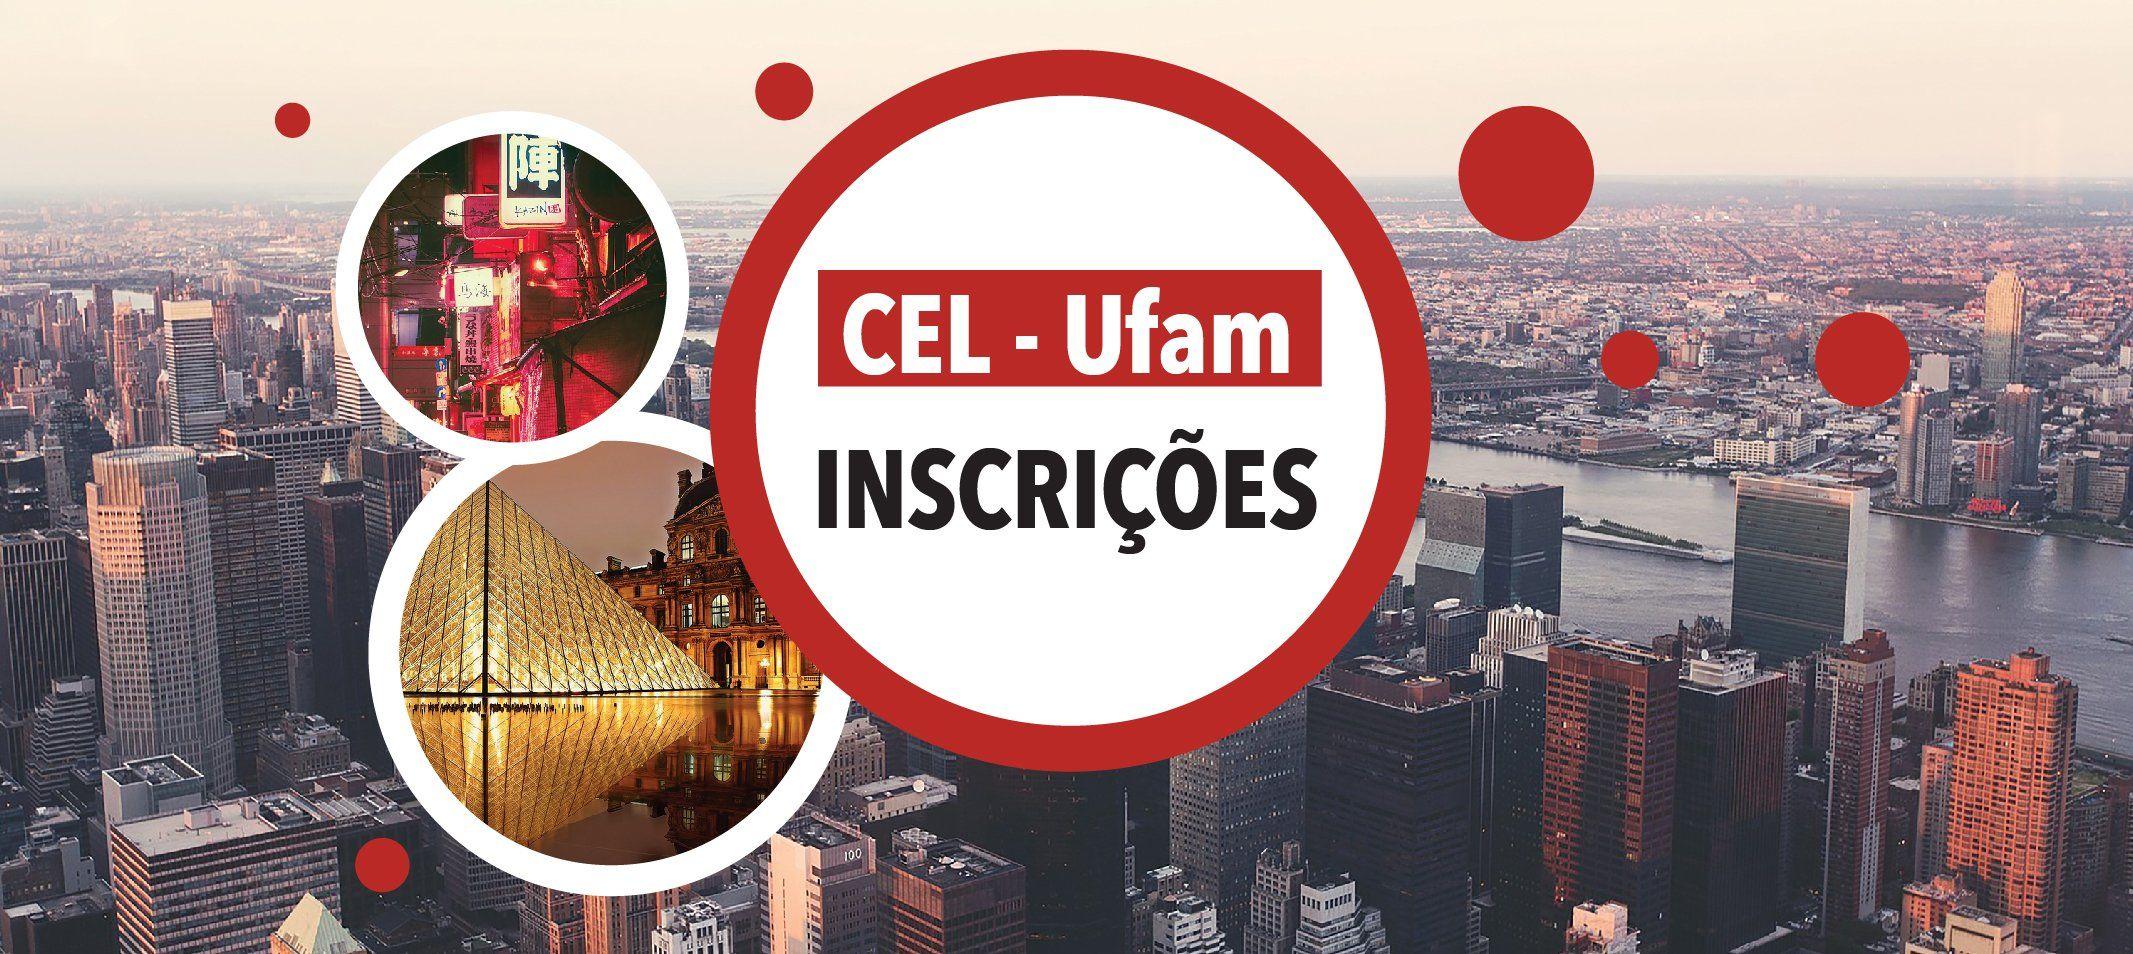 Projeto CEL abre vagas para cursos de idiomas, proficiências e redação. Inscrições ocorrem até 28 de fevereiro